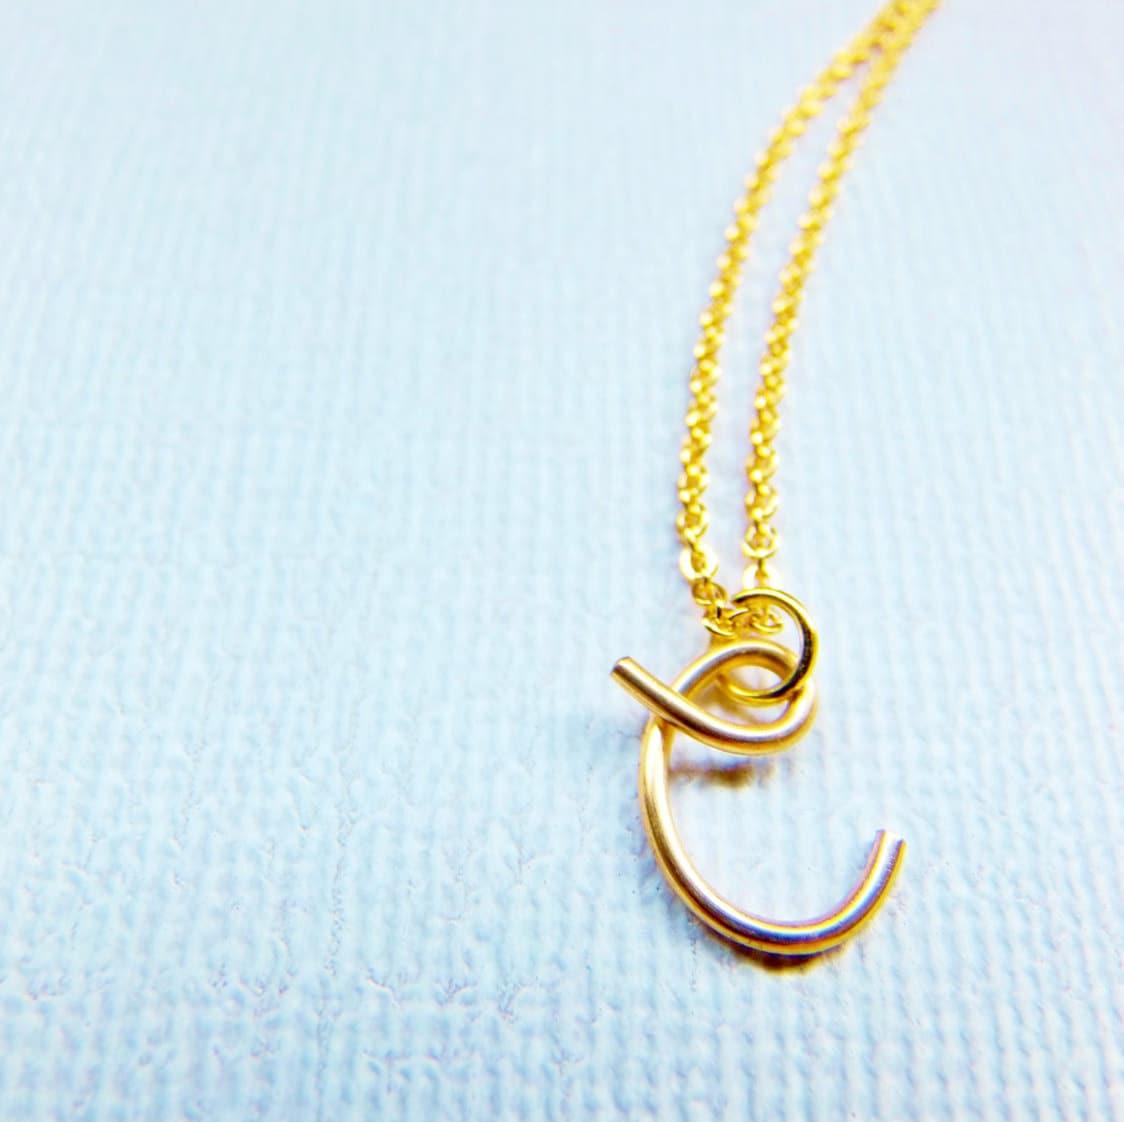 letter c necklace gold initial necklace cursive letter